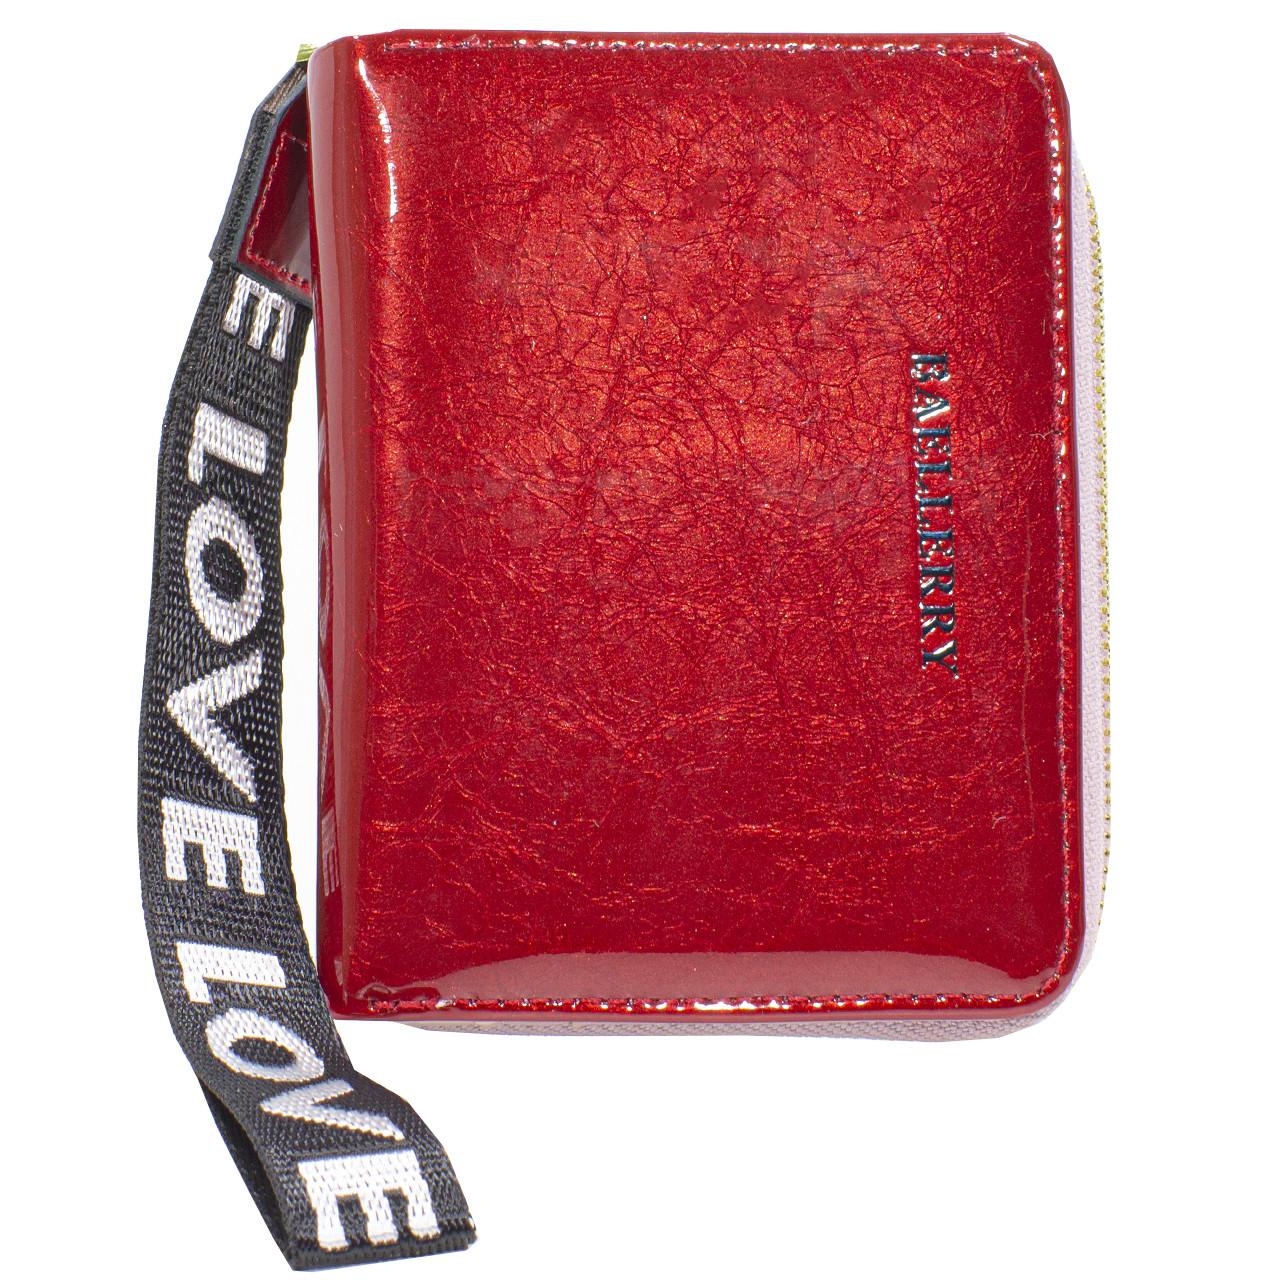 ✩Женский кошелек Baellerry DR022 Red модный с ремешком компактный для хранения денег и монет